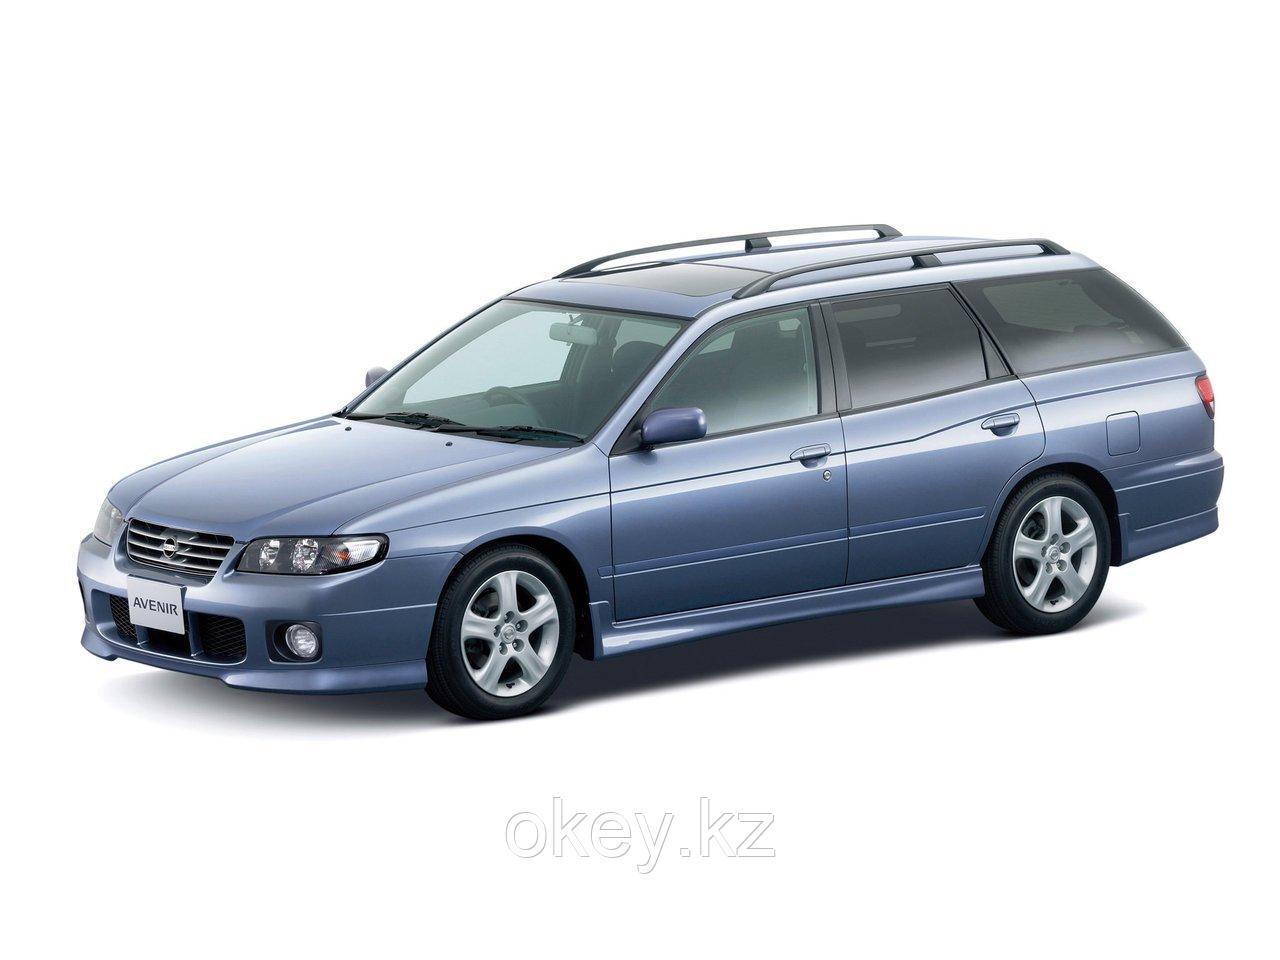 Тормозные колодки Kötl 1003KT для Nissan Avenir II 1.8, 1997-2005 года выпуска.